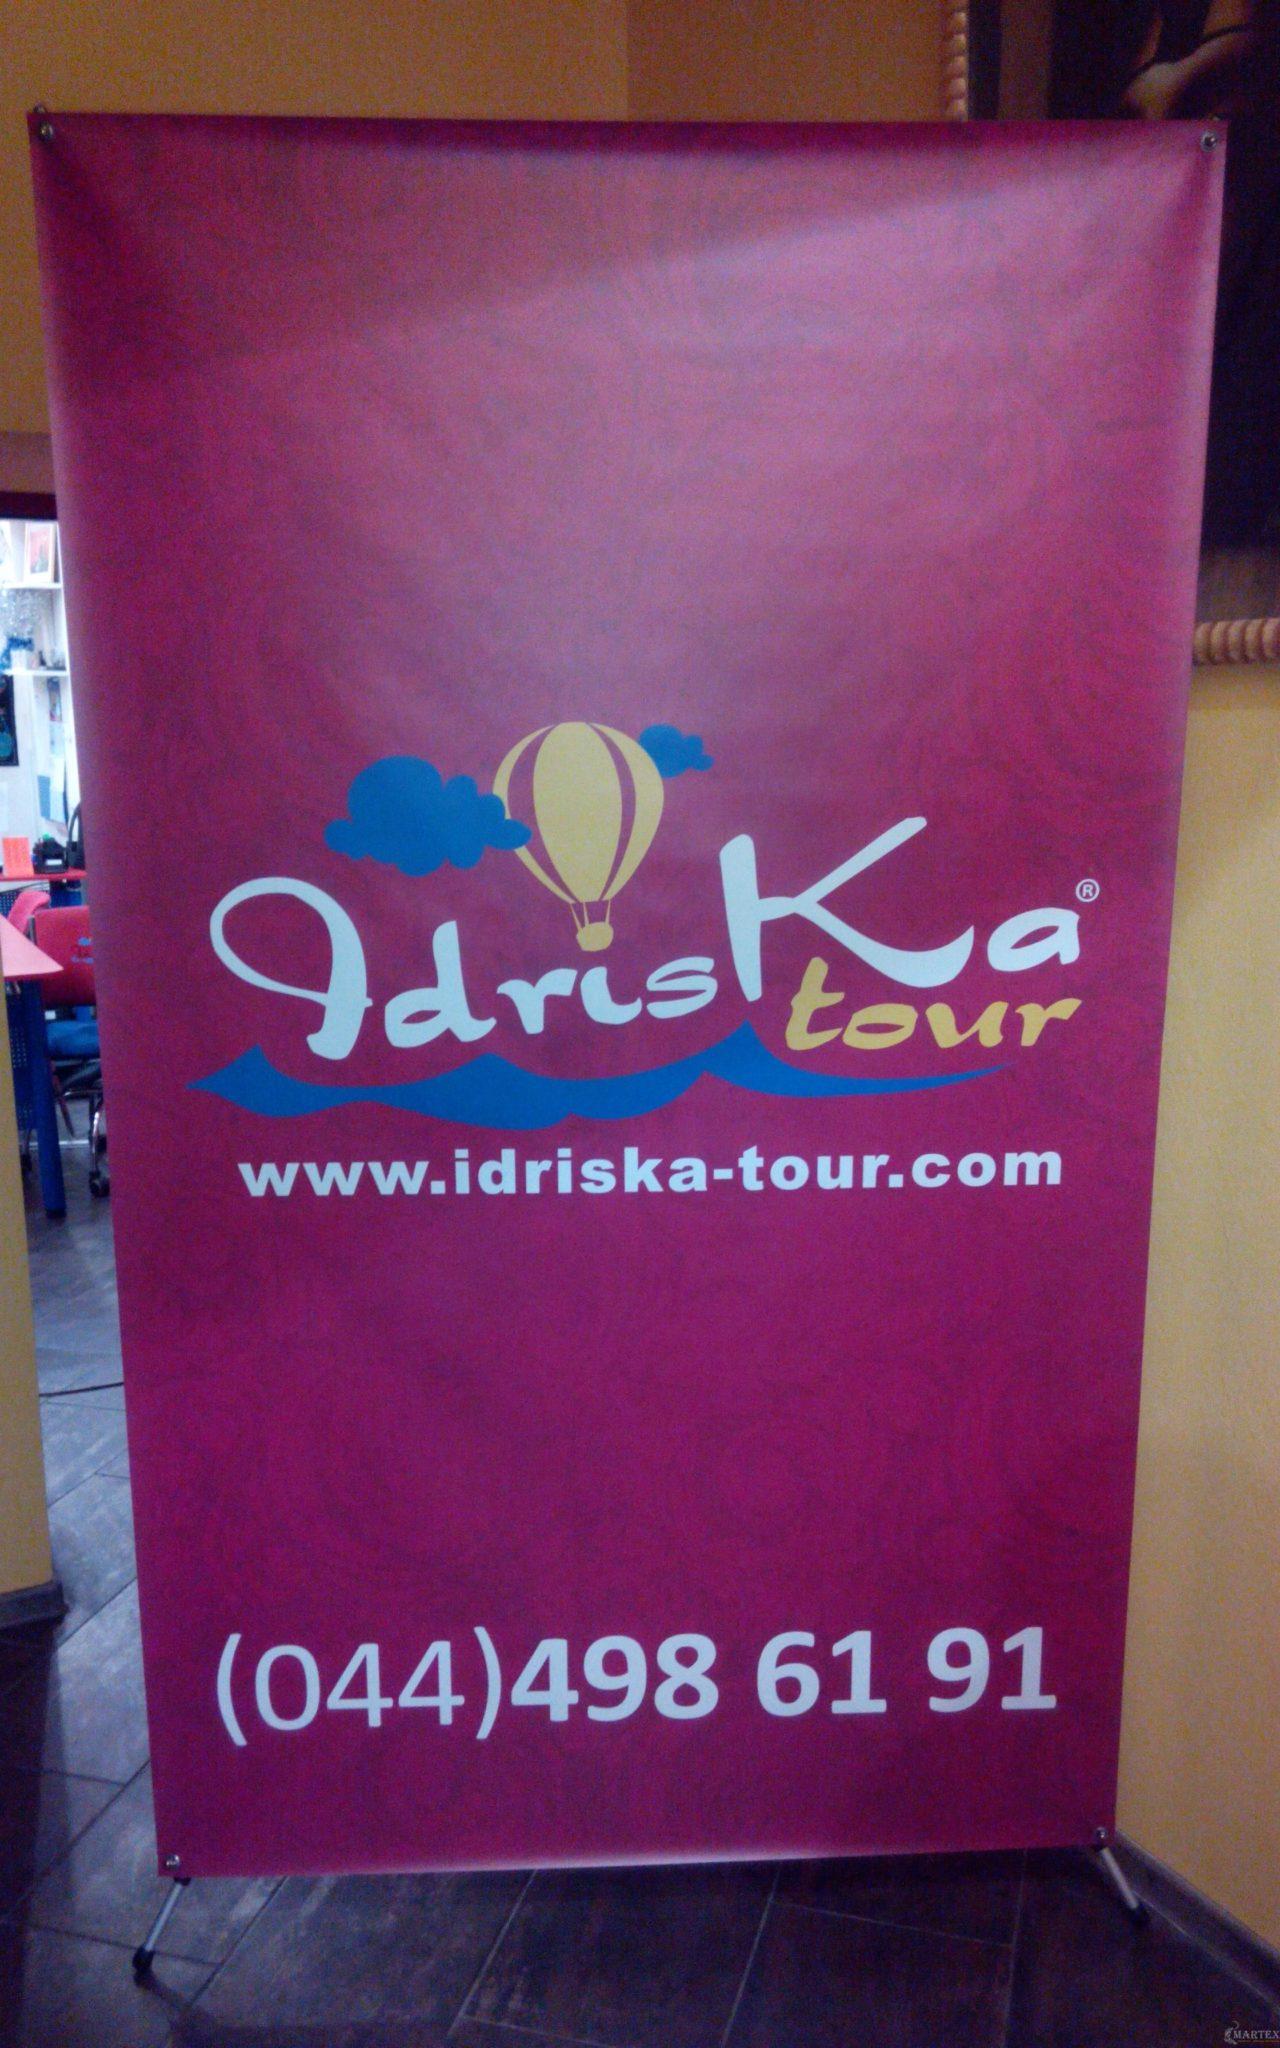 Idriska-tour - мобильный стенд X-баннер Premium 120x200 см